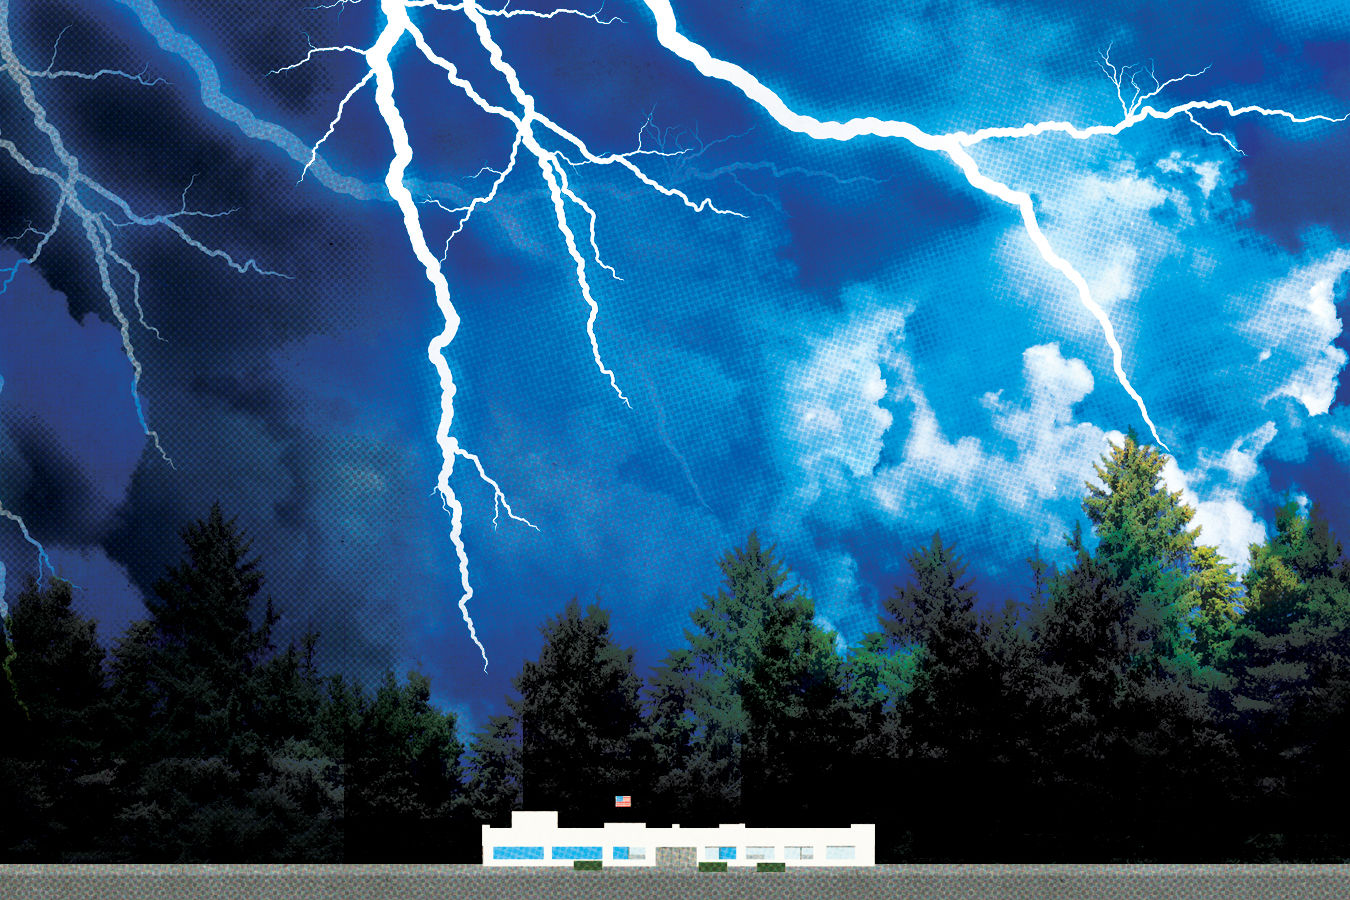 0218 dispatch storm ilruaw